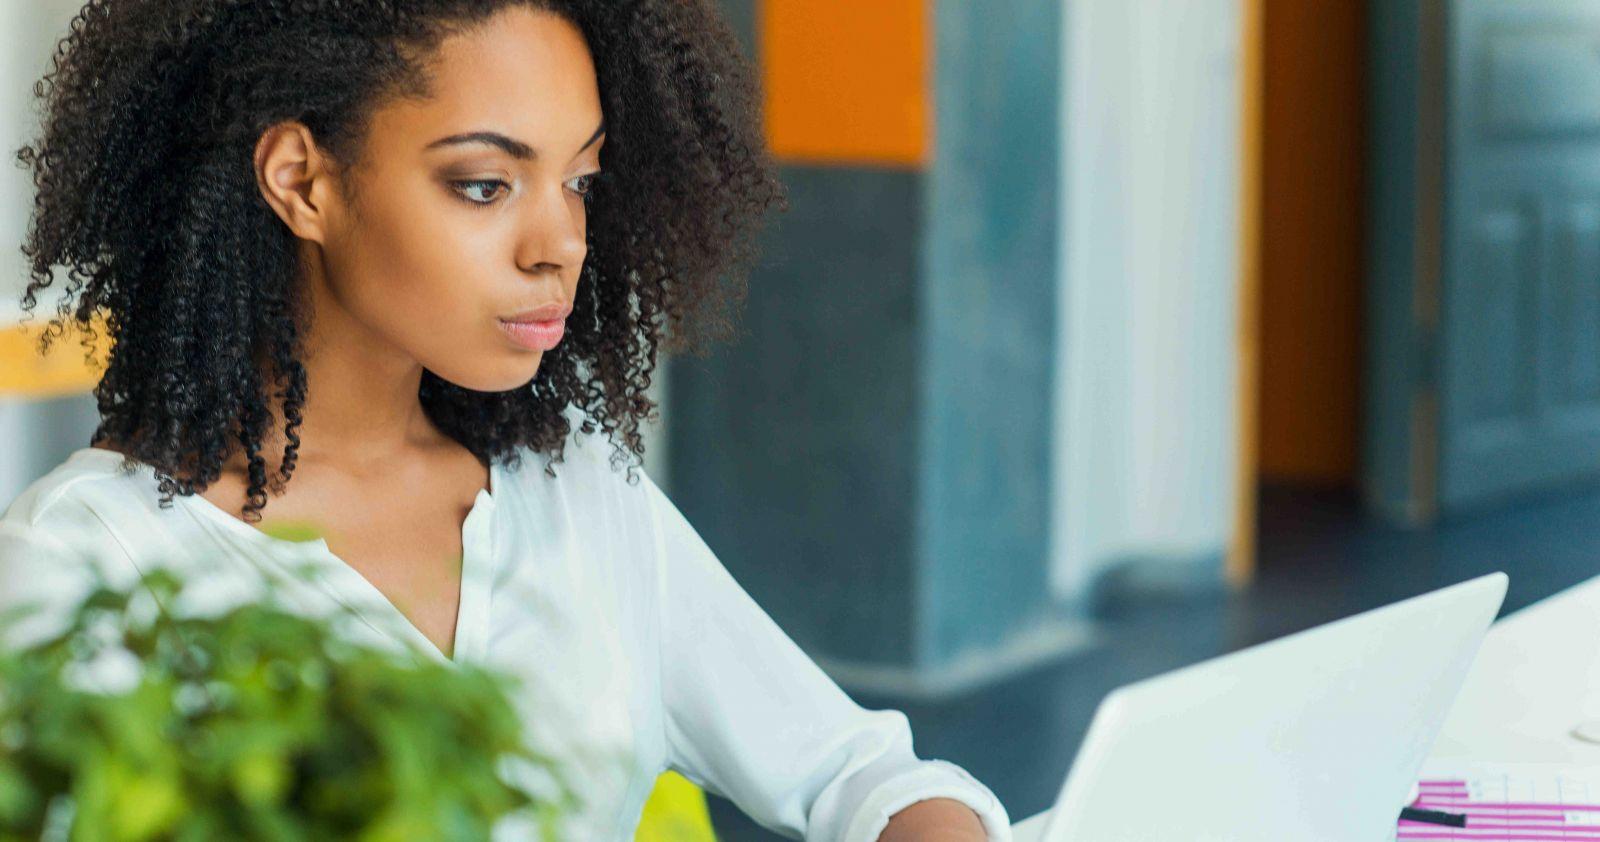 Grünes Büro: 6 Tipps für mehr Nachhaltigkeit am Arbeitsplatz